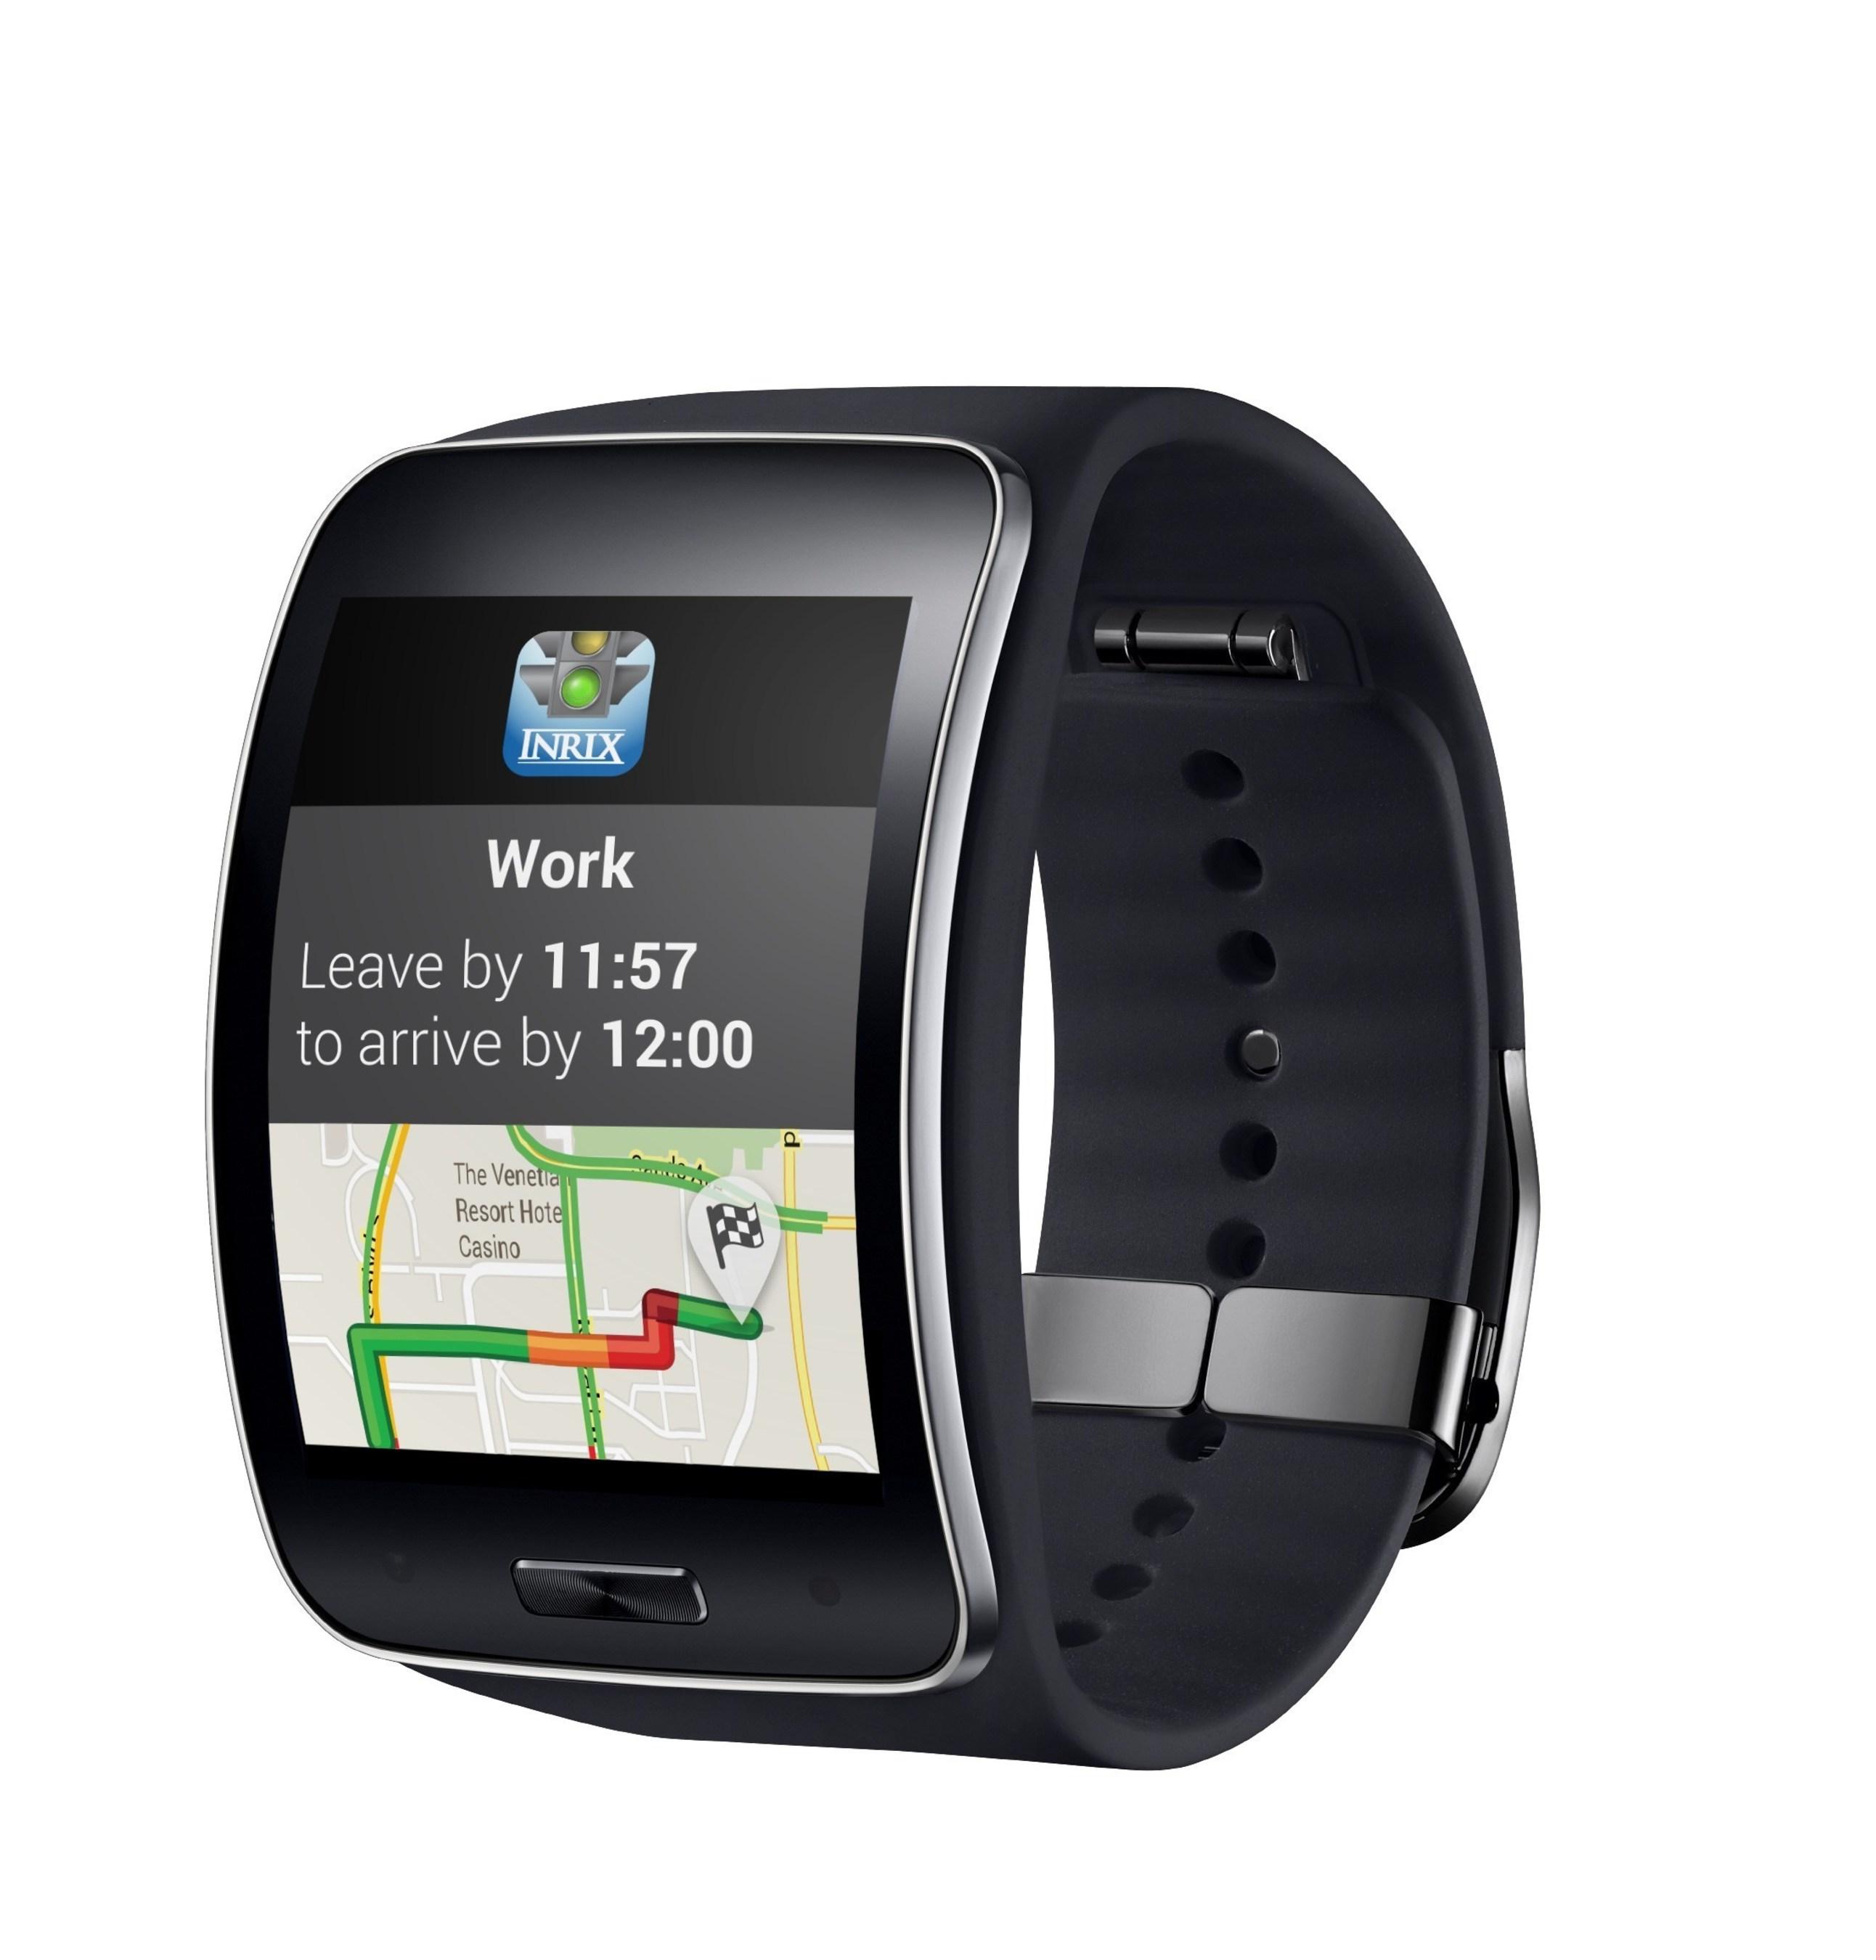 INRIX und Samsung gehen Partnerschaft zur Einführung mobiler Verkehrsanwendungen für vernetzte